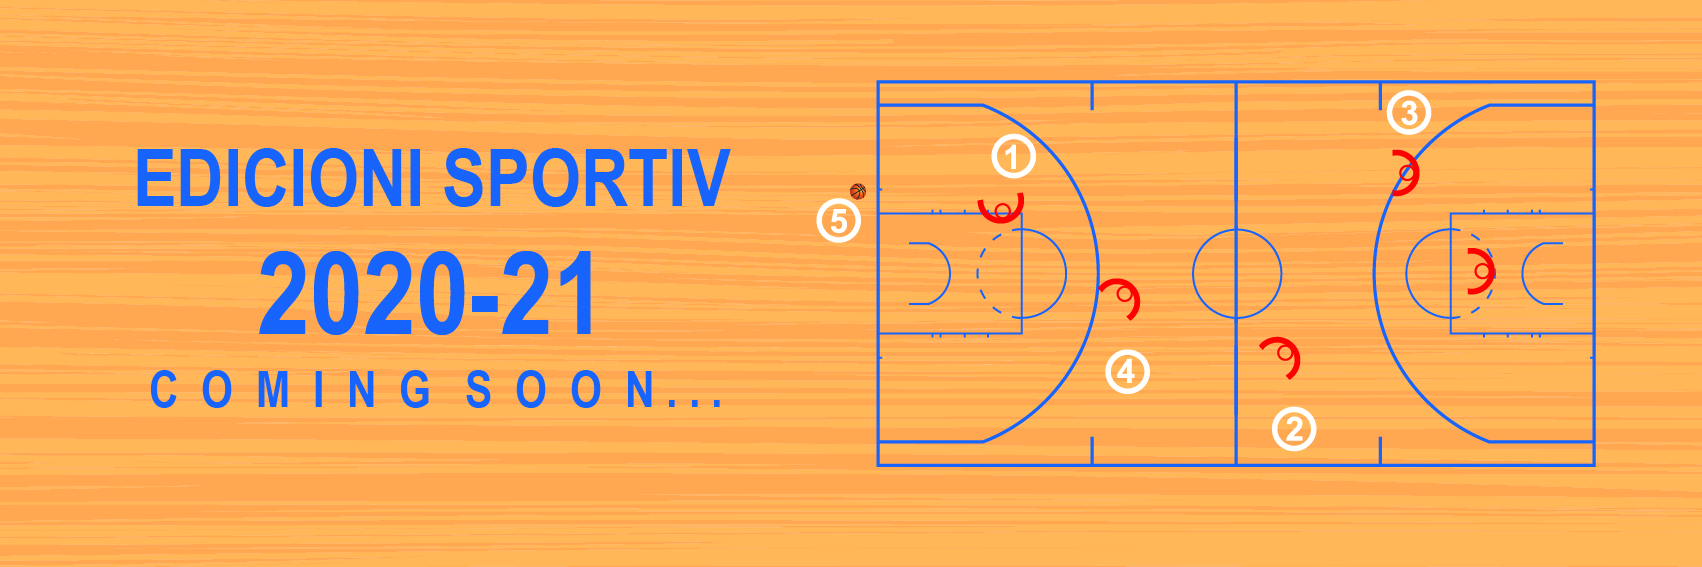 Në Shqipëri ka dhe Basketboll!